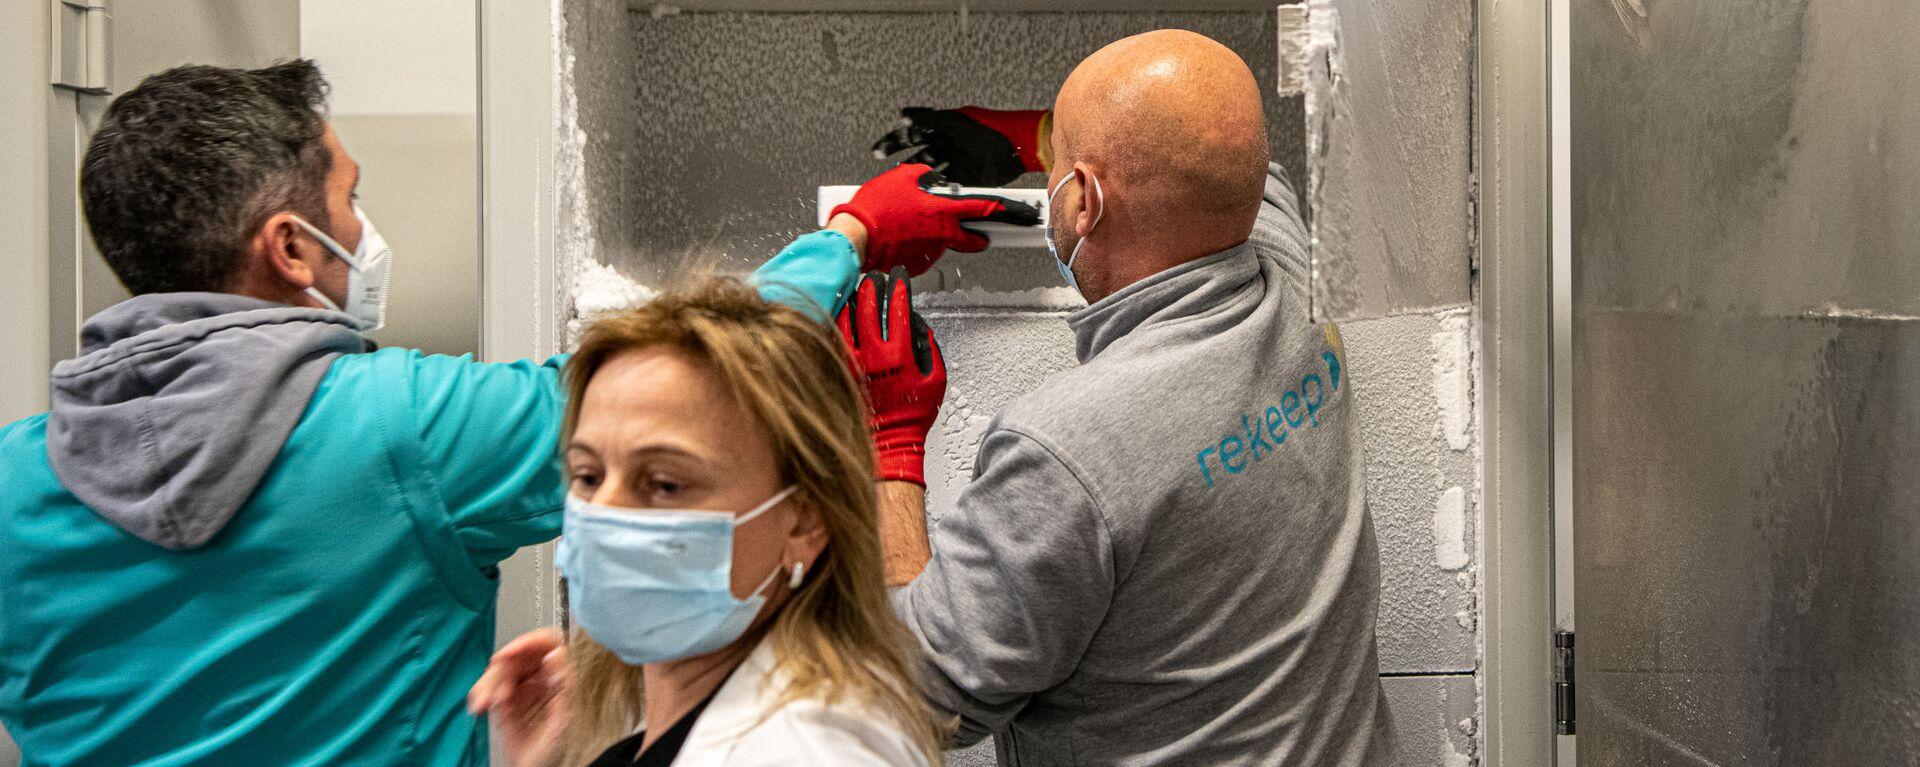 Consegna Vaccini Pfizer all'Ospedale Santa Maria della Pietà a Roma - Sputnik Italia, 1920, 24.06.2021